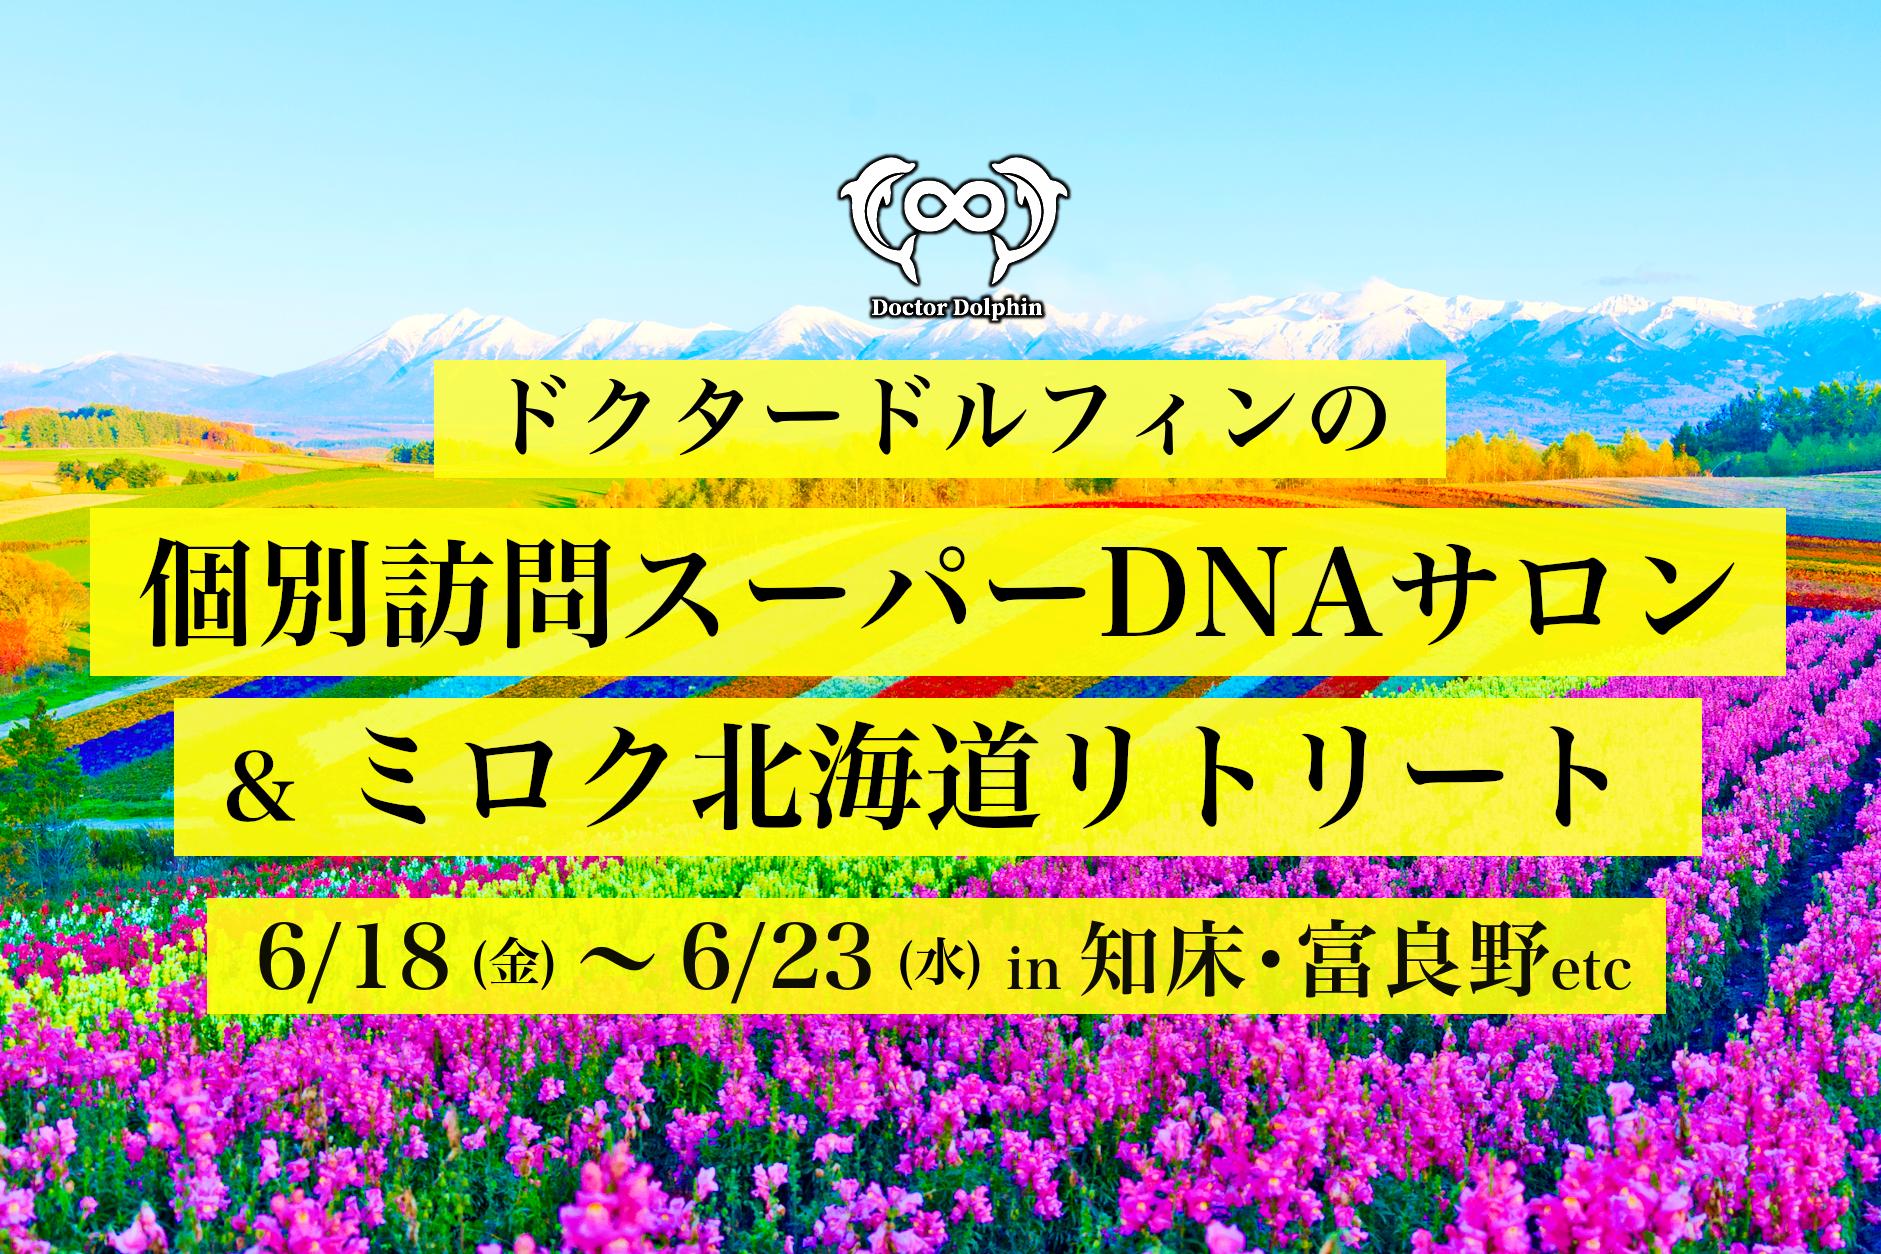 ドクタードルフィン 出張個別コンサルタント&魂のご褒美リトリート in 初夏のミロク北海道